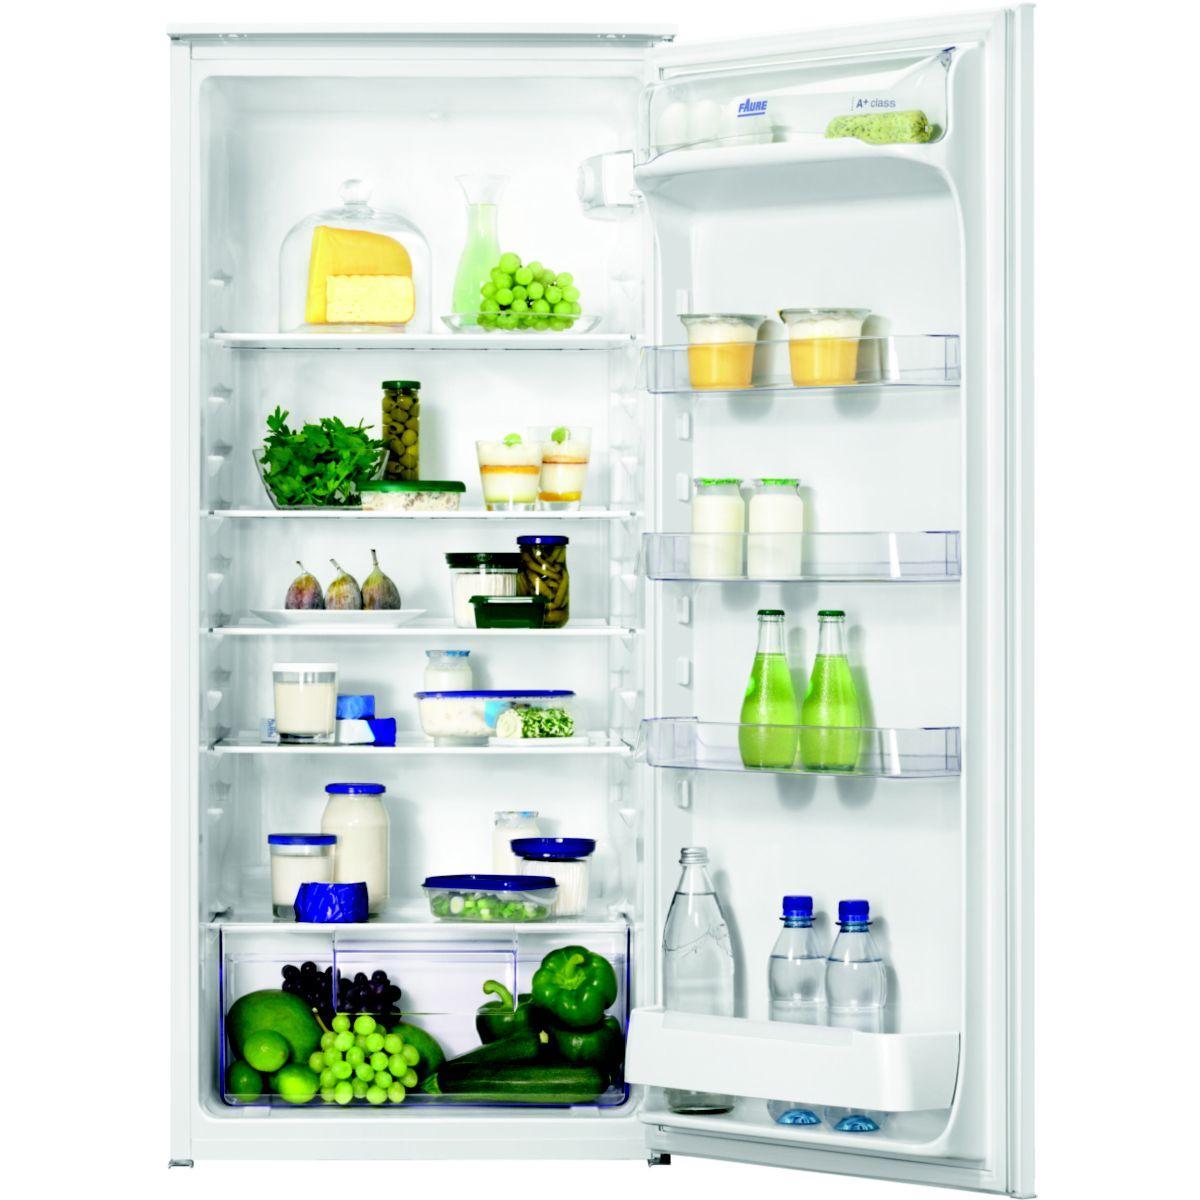 Photo Réfrigérateur Faure 1 porte Intégrable FBA22021SA